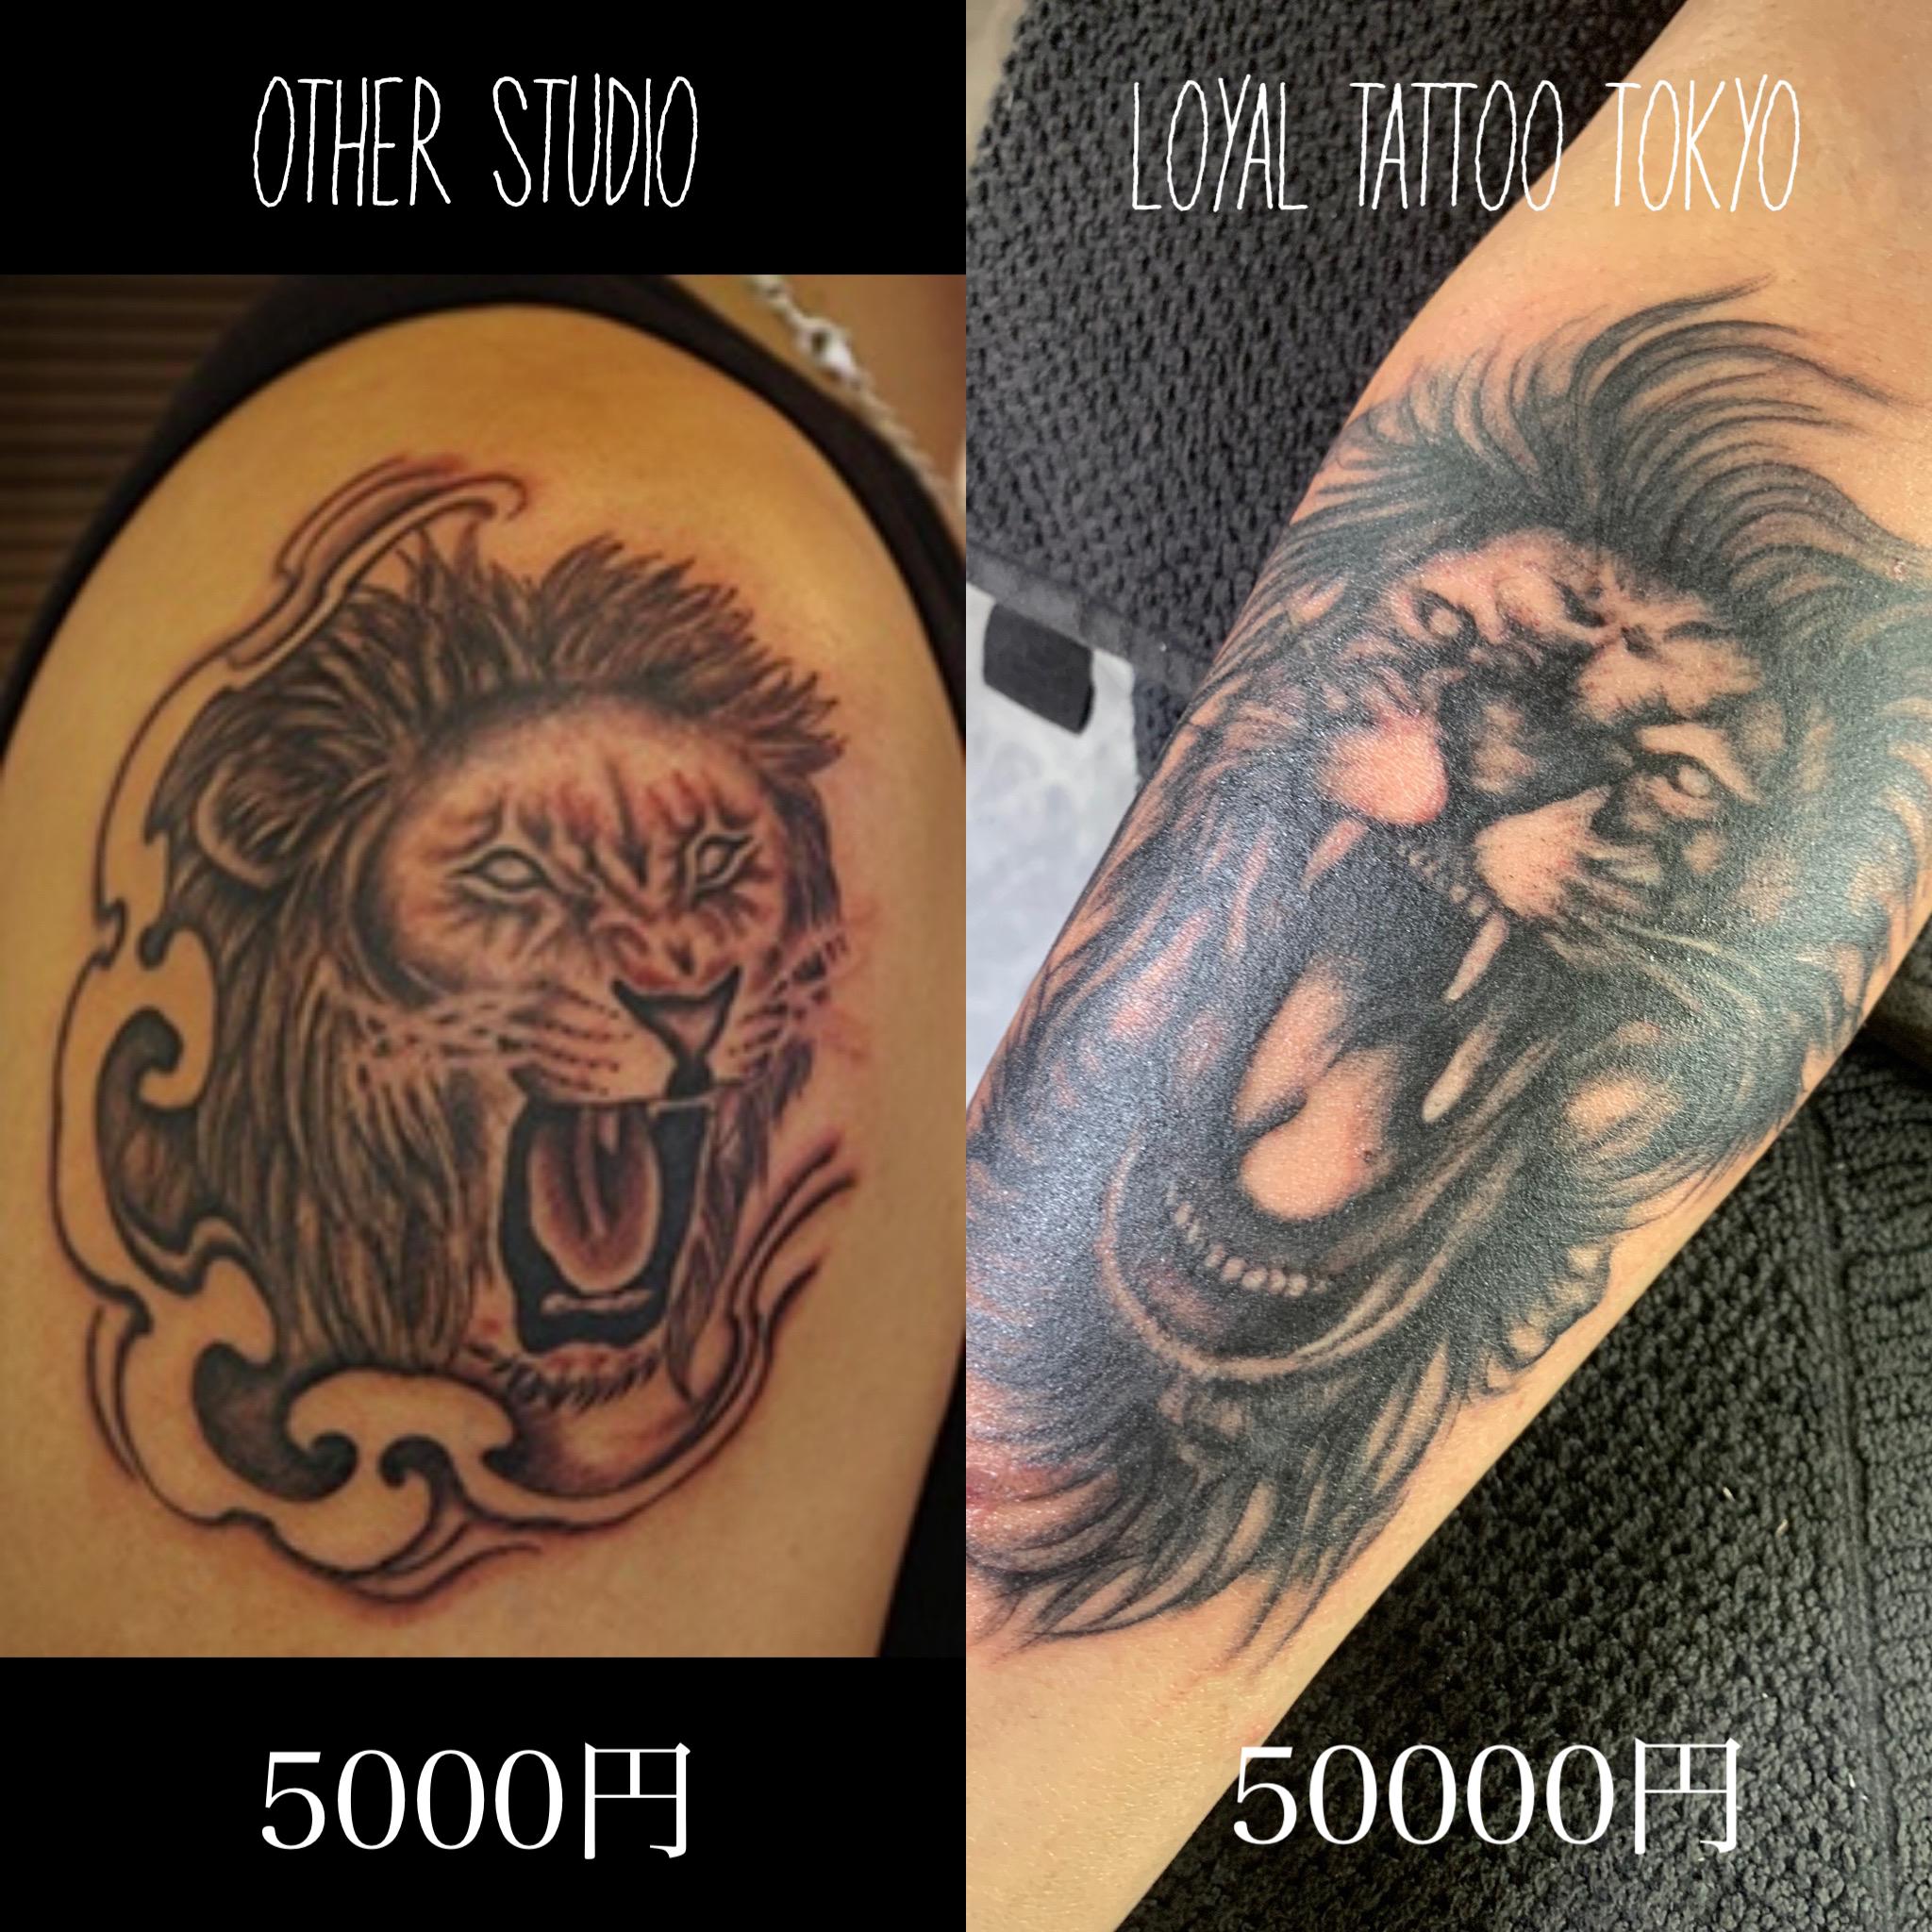 タトゥーはなぜ高い? | 東京渋谷タトゥースタジオ 刺青師 渋谷伊彫